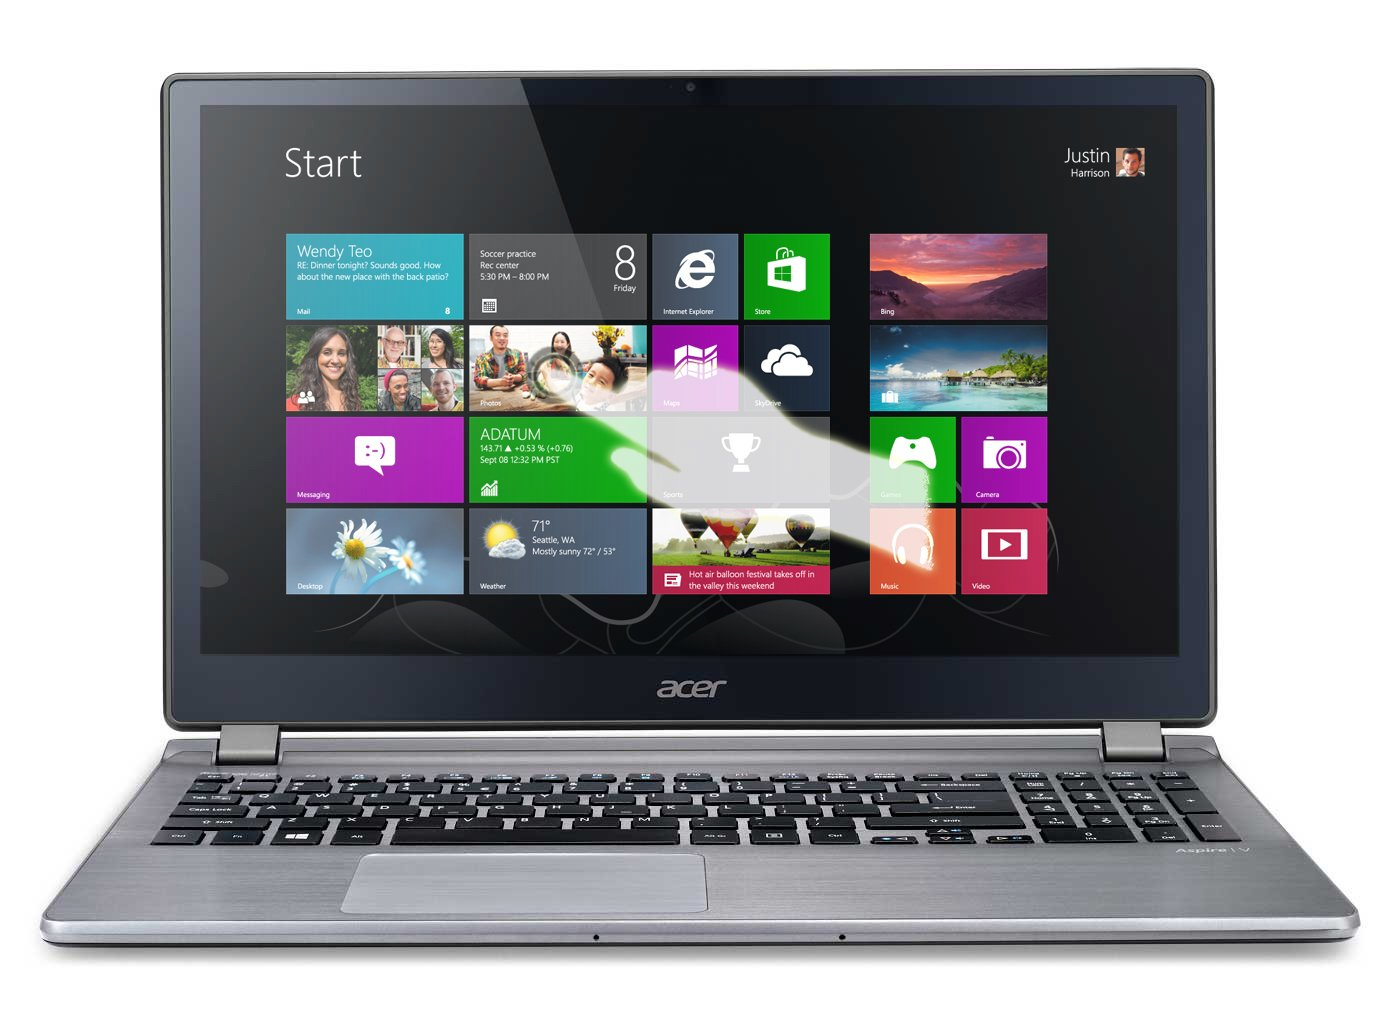 Acer Aspire V7-582PG-6479 15.6-Inch Touchscreen Ultrabook